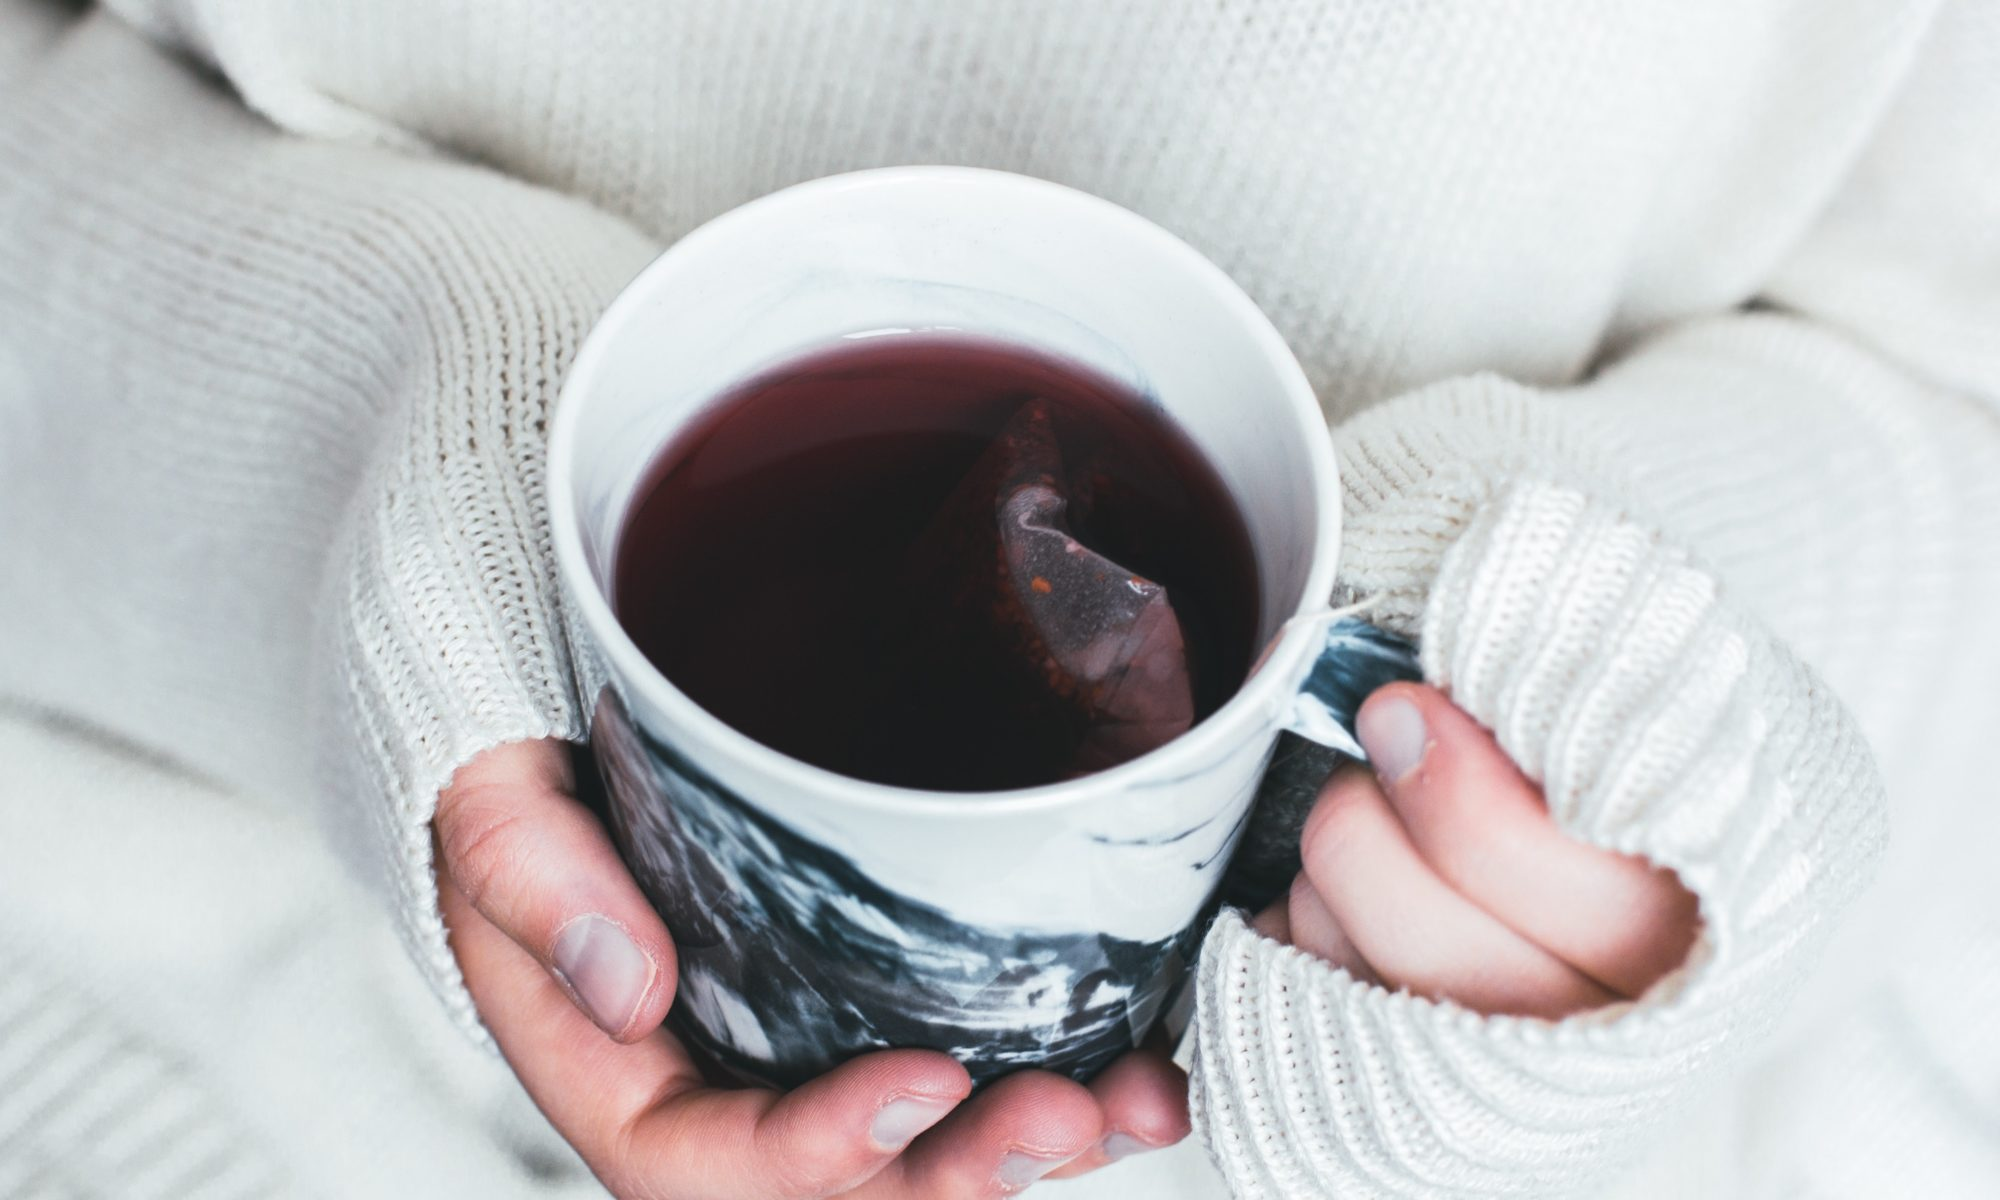 Hände, die eine Teetasse mit rötlichem Tee halten.